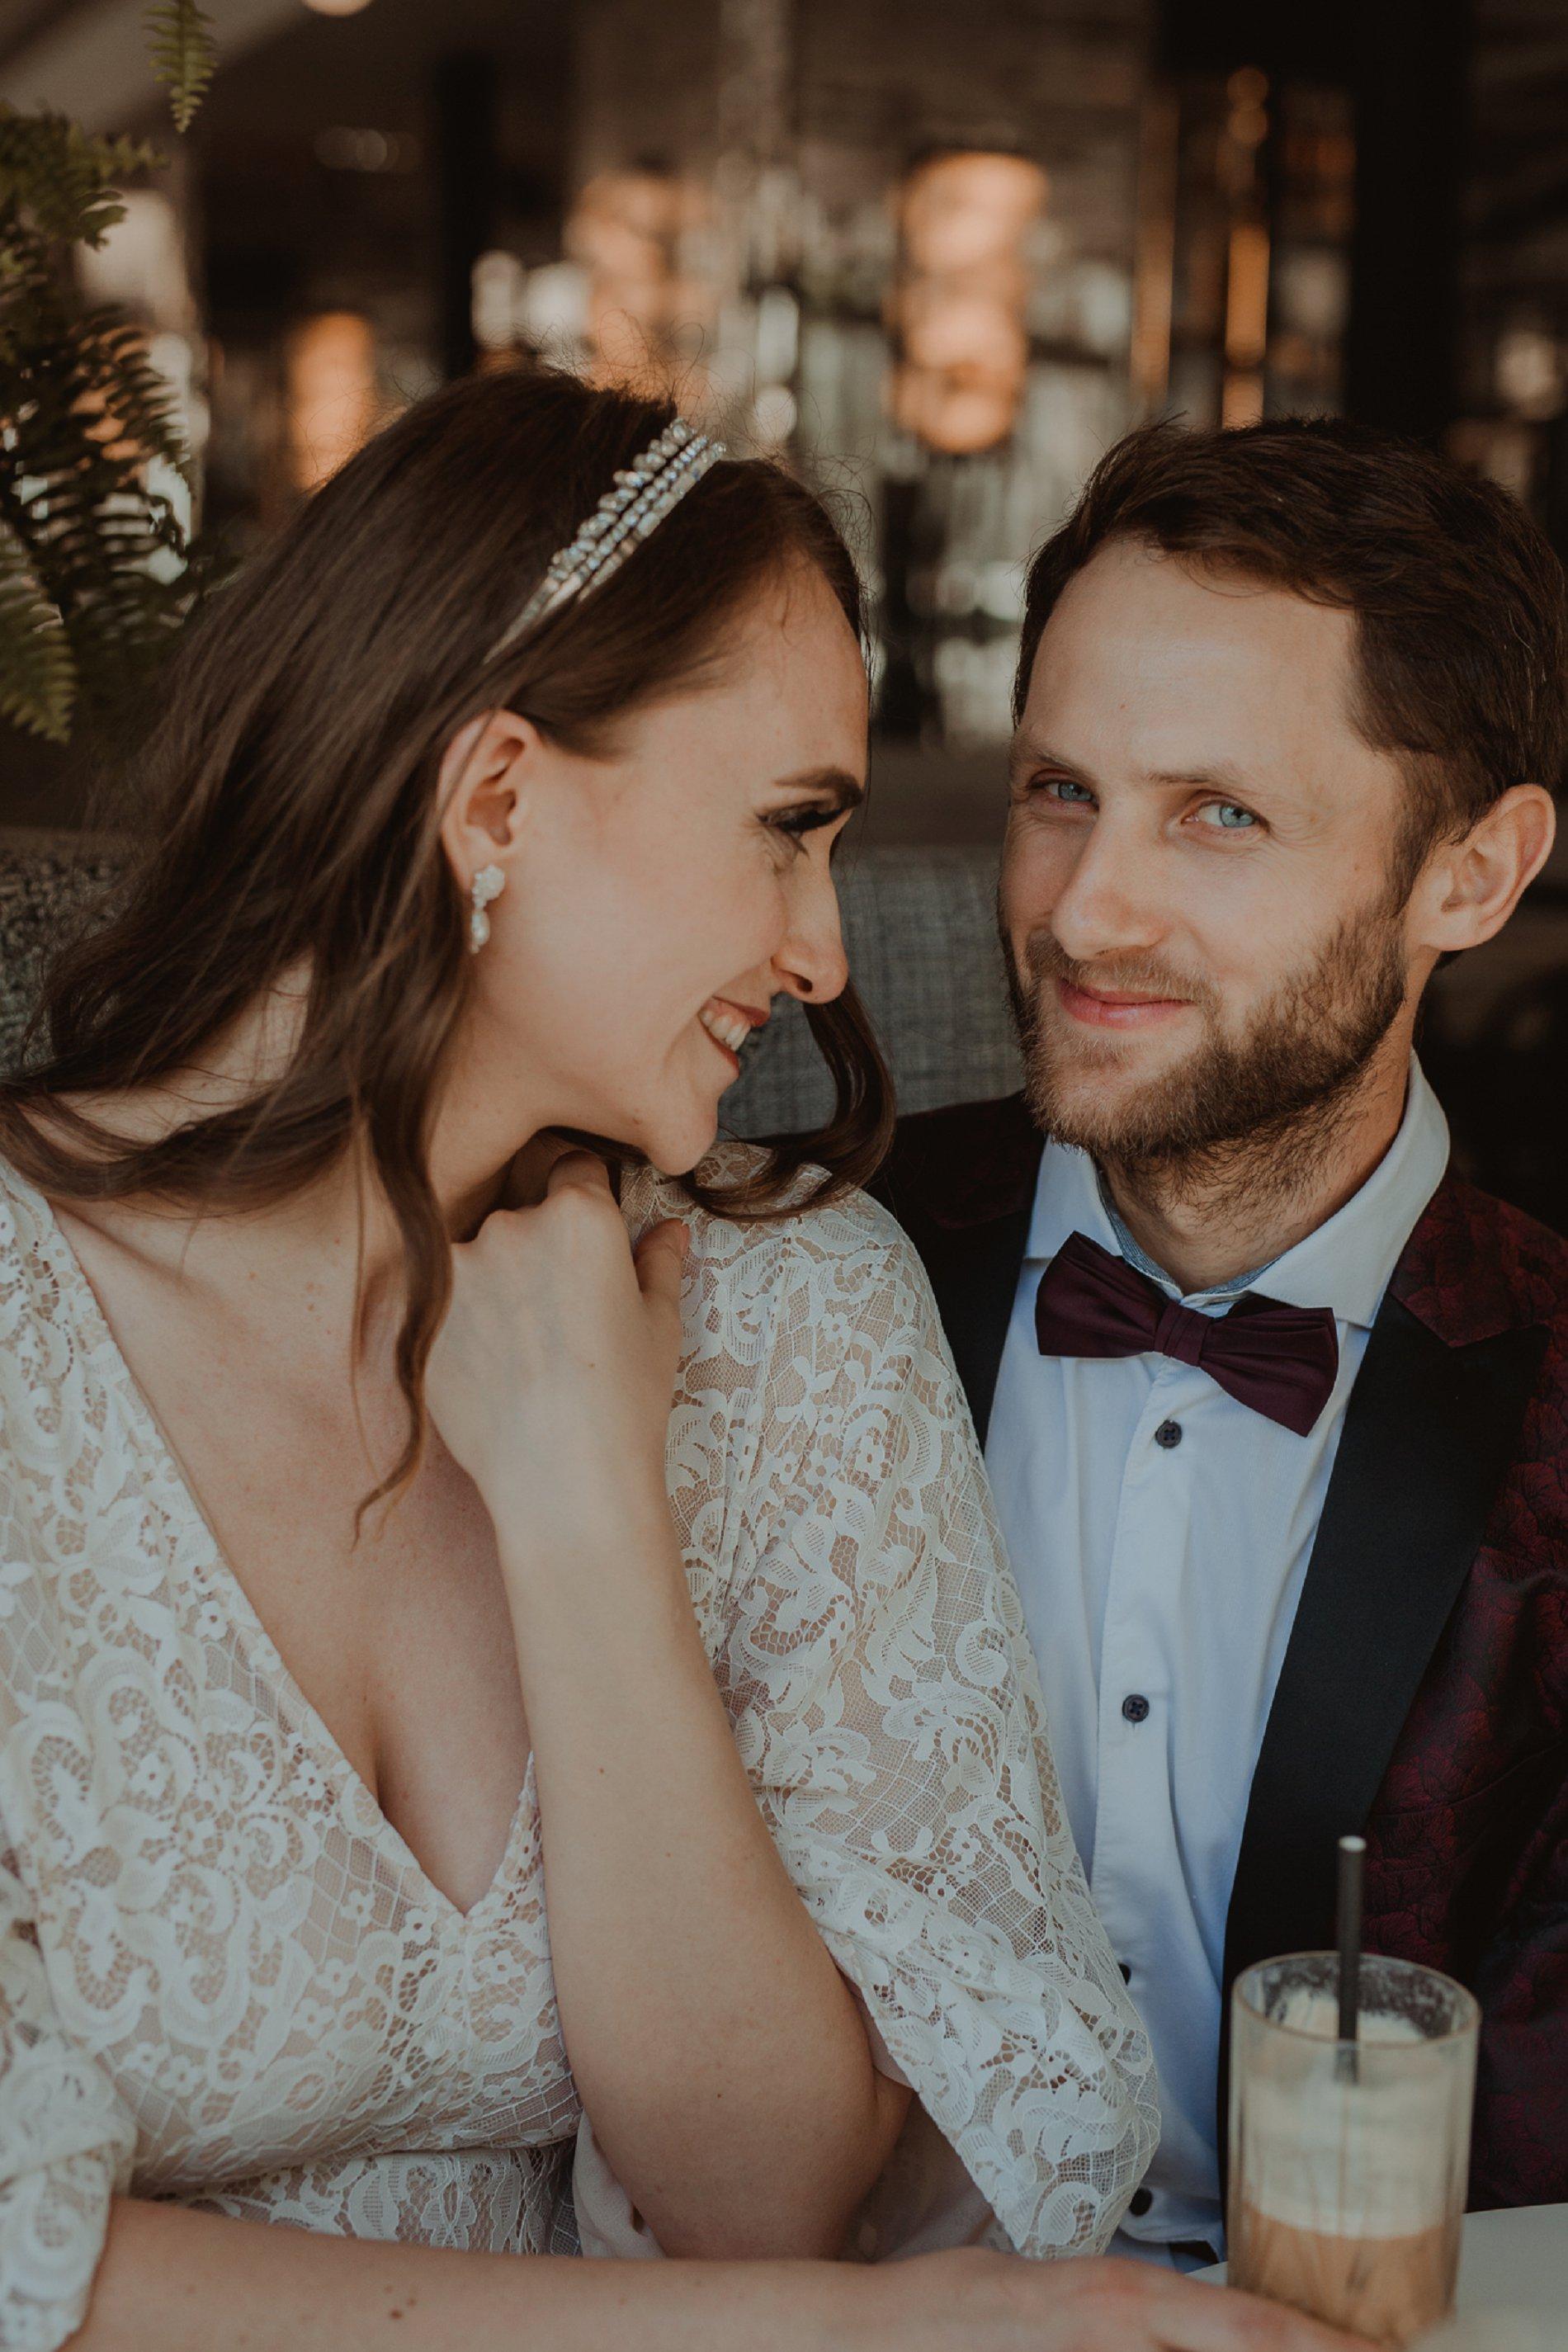 Miss He Bridal Romantic Paris Elopement (c) Xanthe Rowland Photography (14)